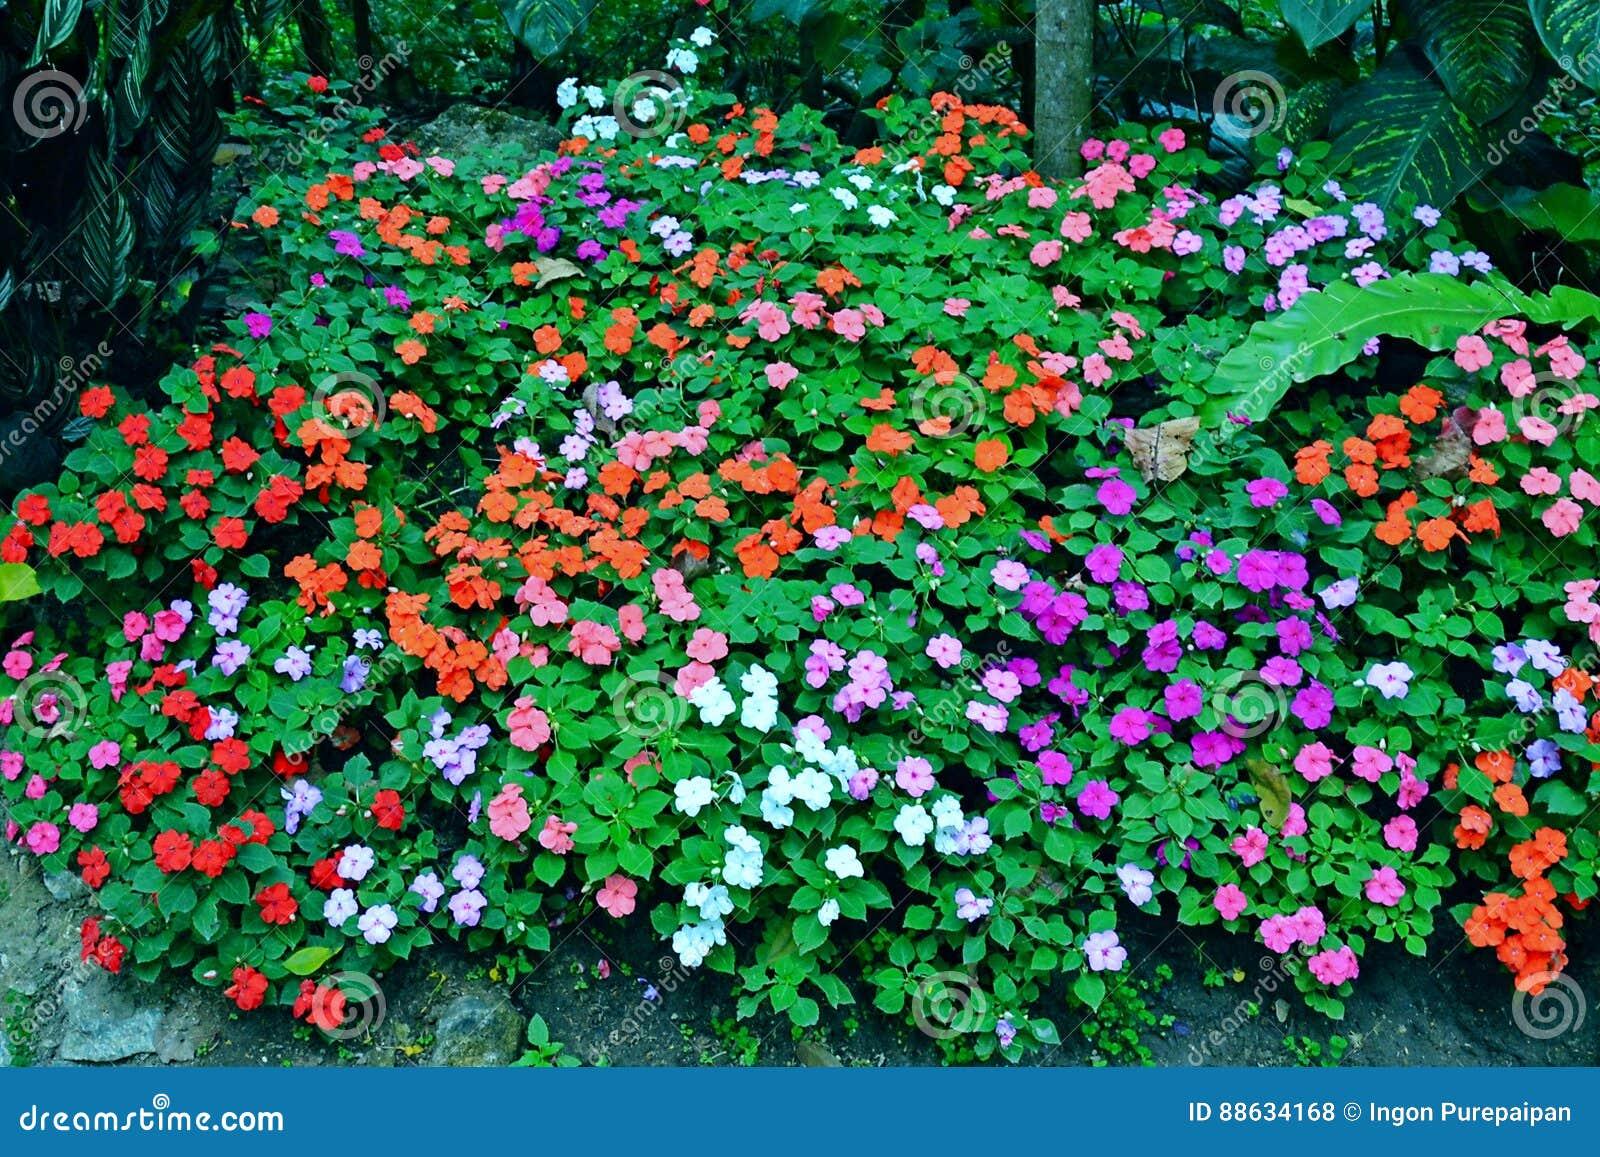 Pequeno Jardin De Flores Colorido Stock De Ilustracion Ilustracion